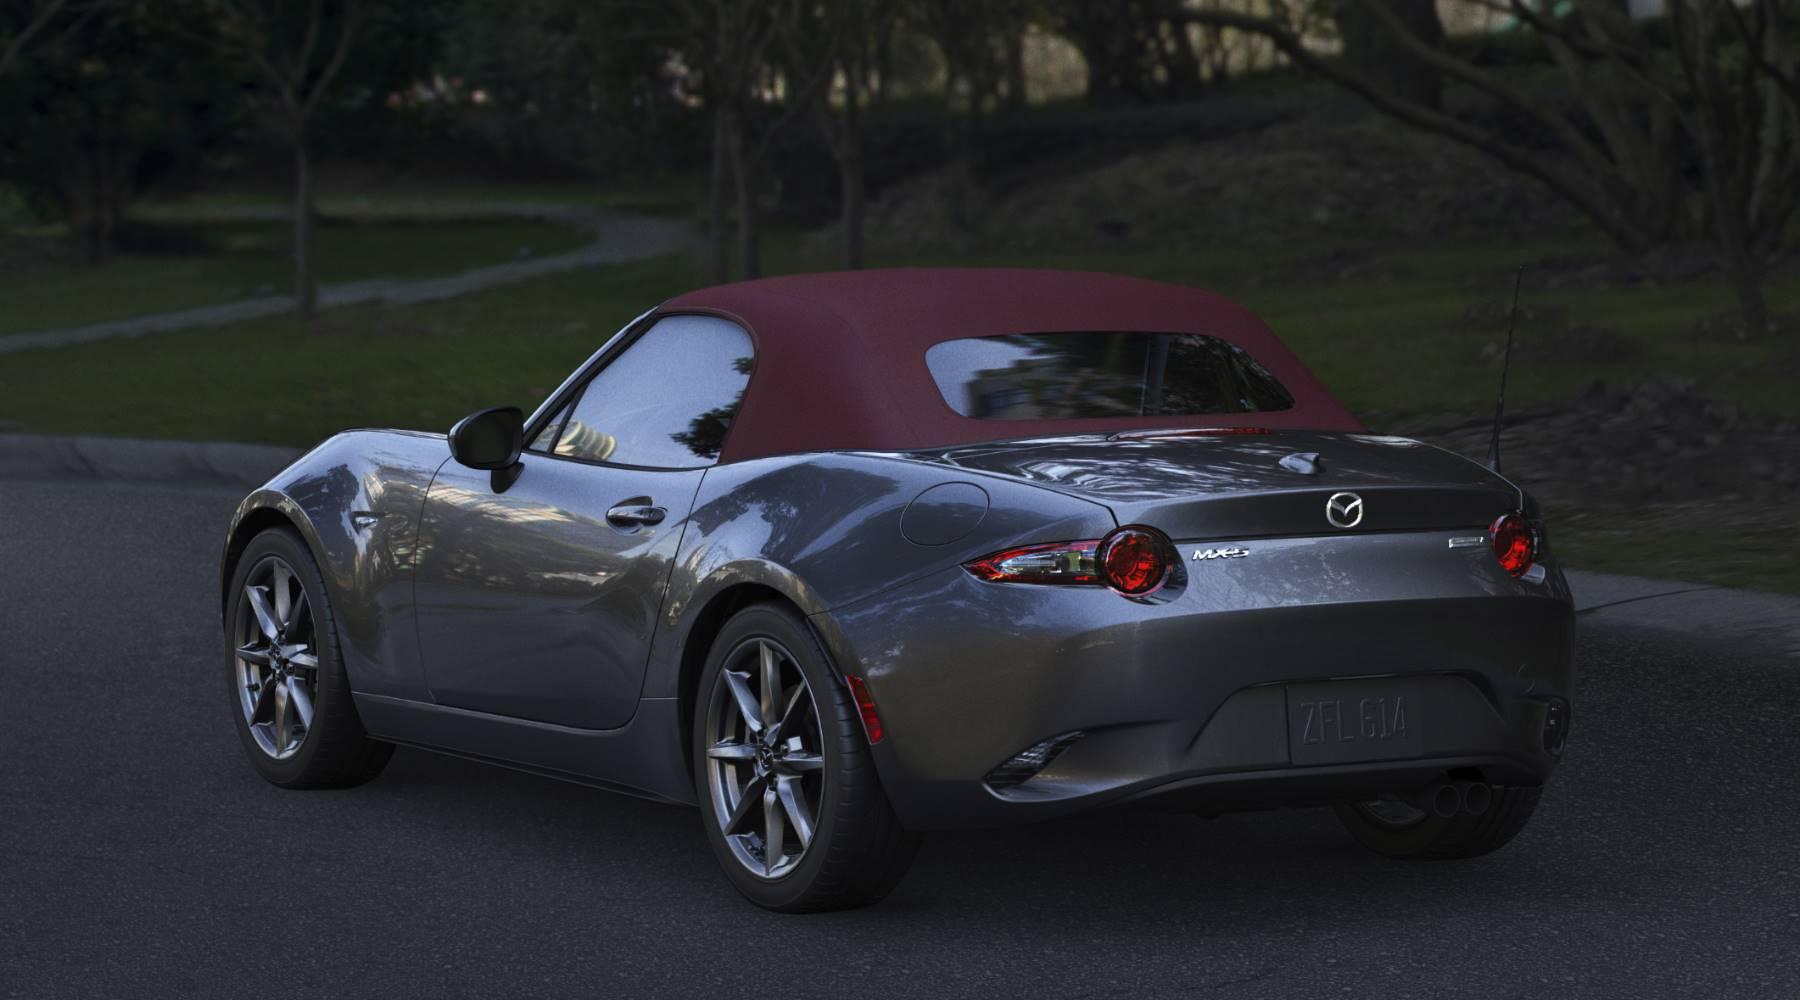 2018 Mazda MX-5 Miata for Sale in Elk Grove, CA